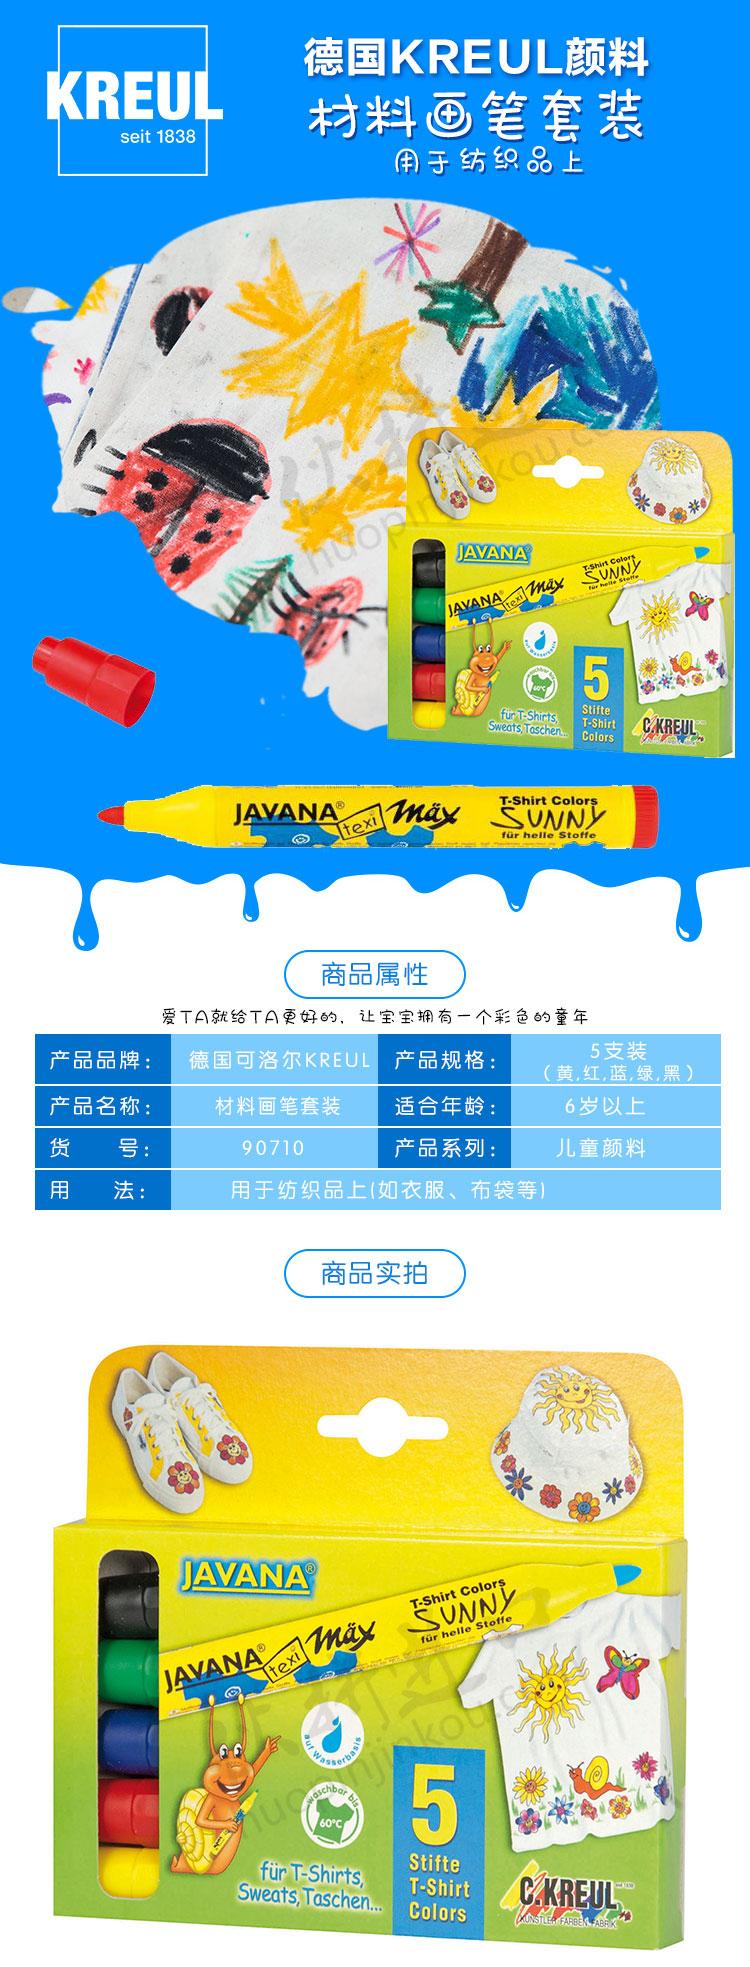 90710-画笔套装用于纺织品上-5支套详情_01.jpg